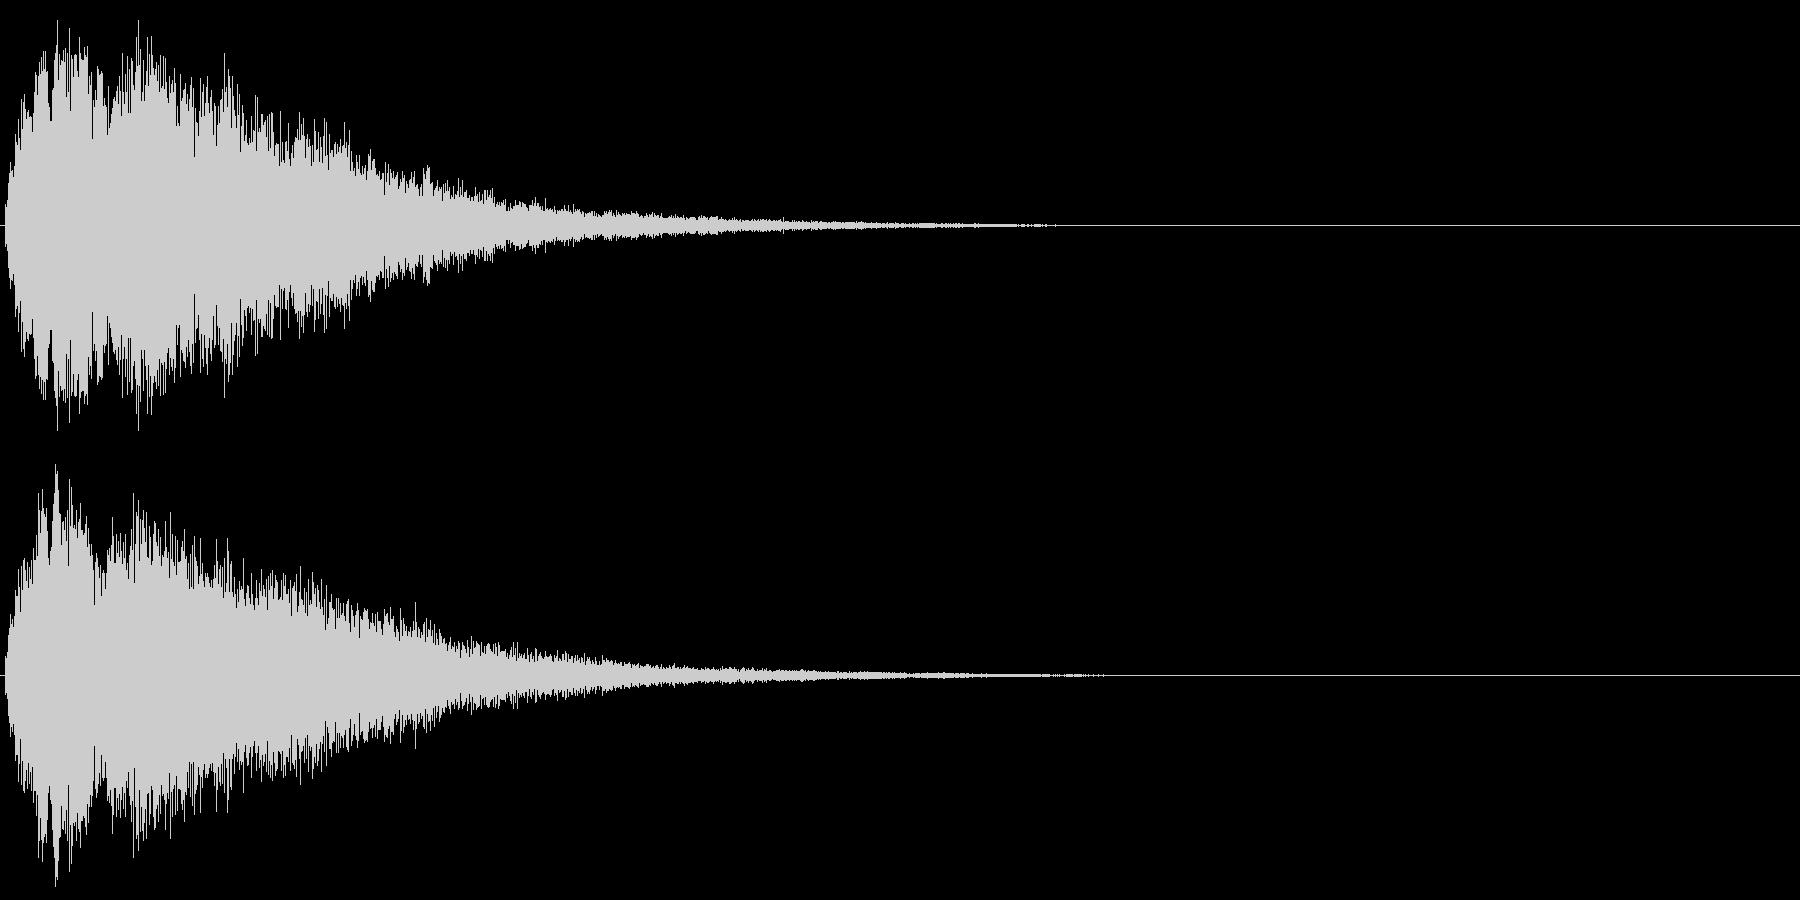 キラキラ☆ピキーン(星の輝き 魔法)06の未再生の波形